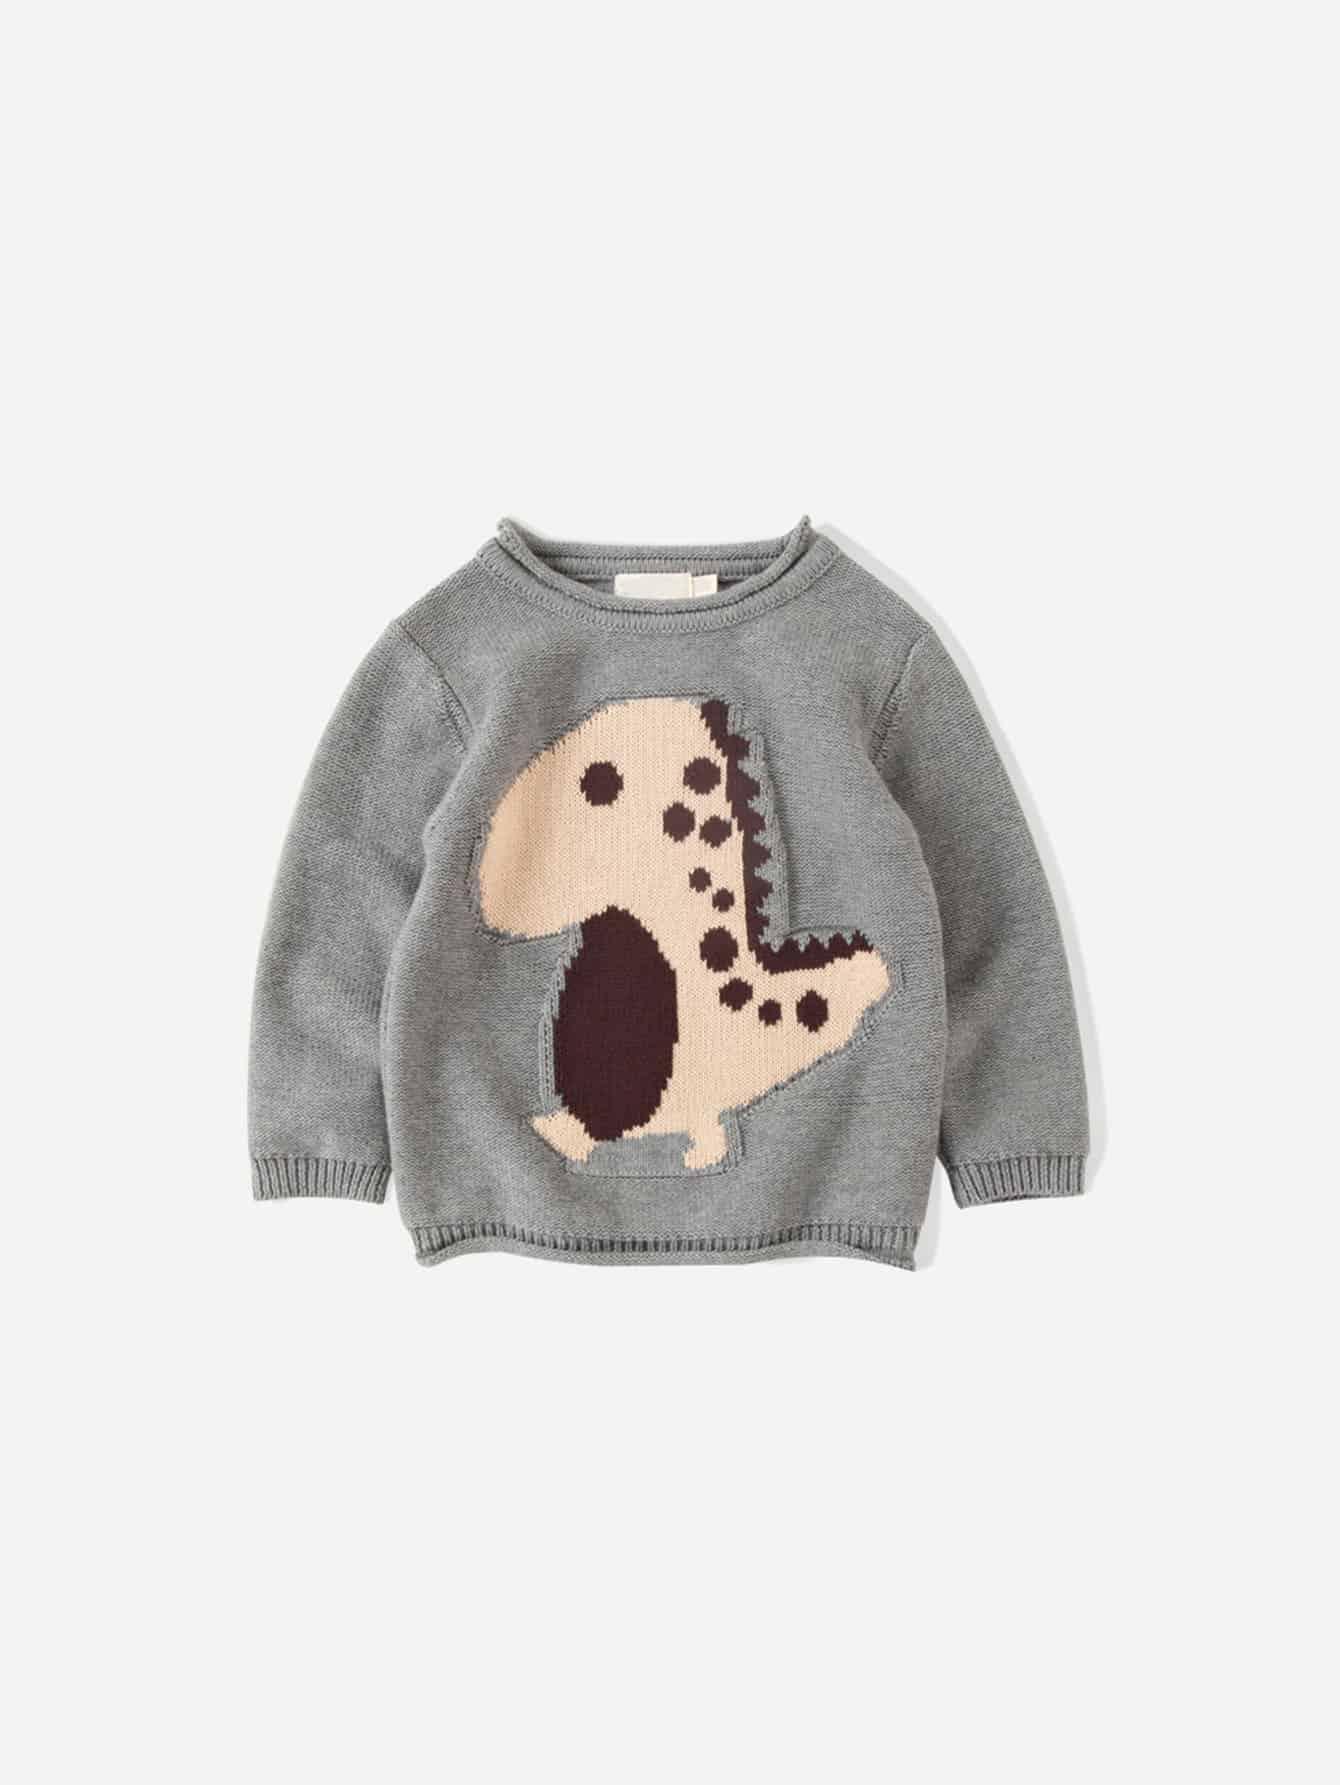 Купить Для маленьких мальчиков свитер с принтом динозавра, null, SheIn